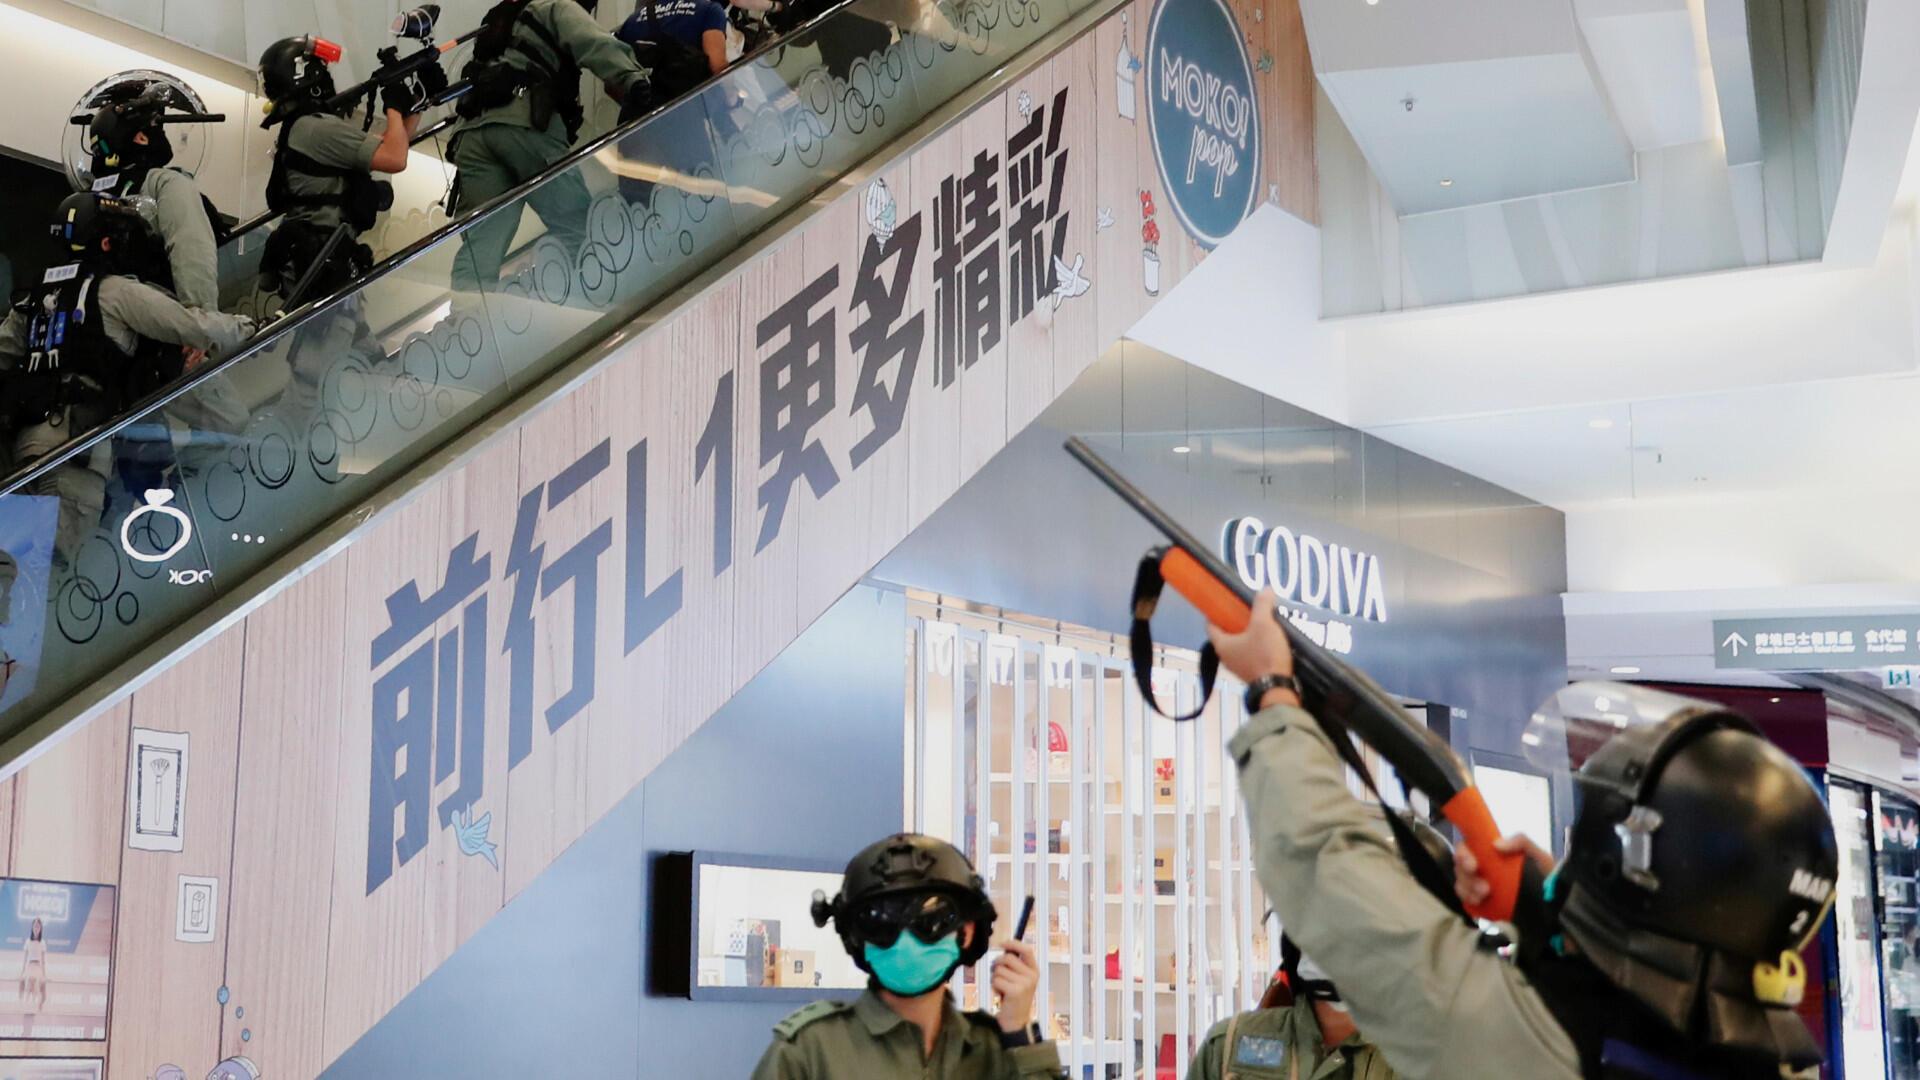 La policía antidisturbios apunta con su arma de gas pimienta dentro de un centro comercial mientras dispersan a los manifestantes antigubernamentales durante un mitin, en Hong Kong, China, el 10 de mayo de 2020.